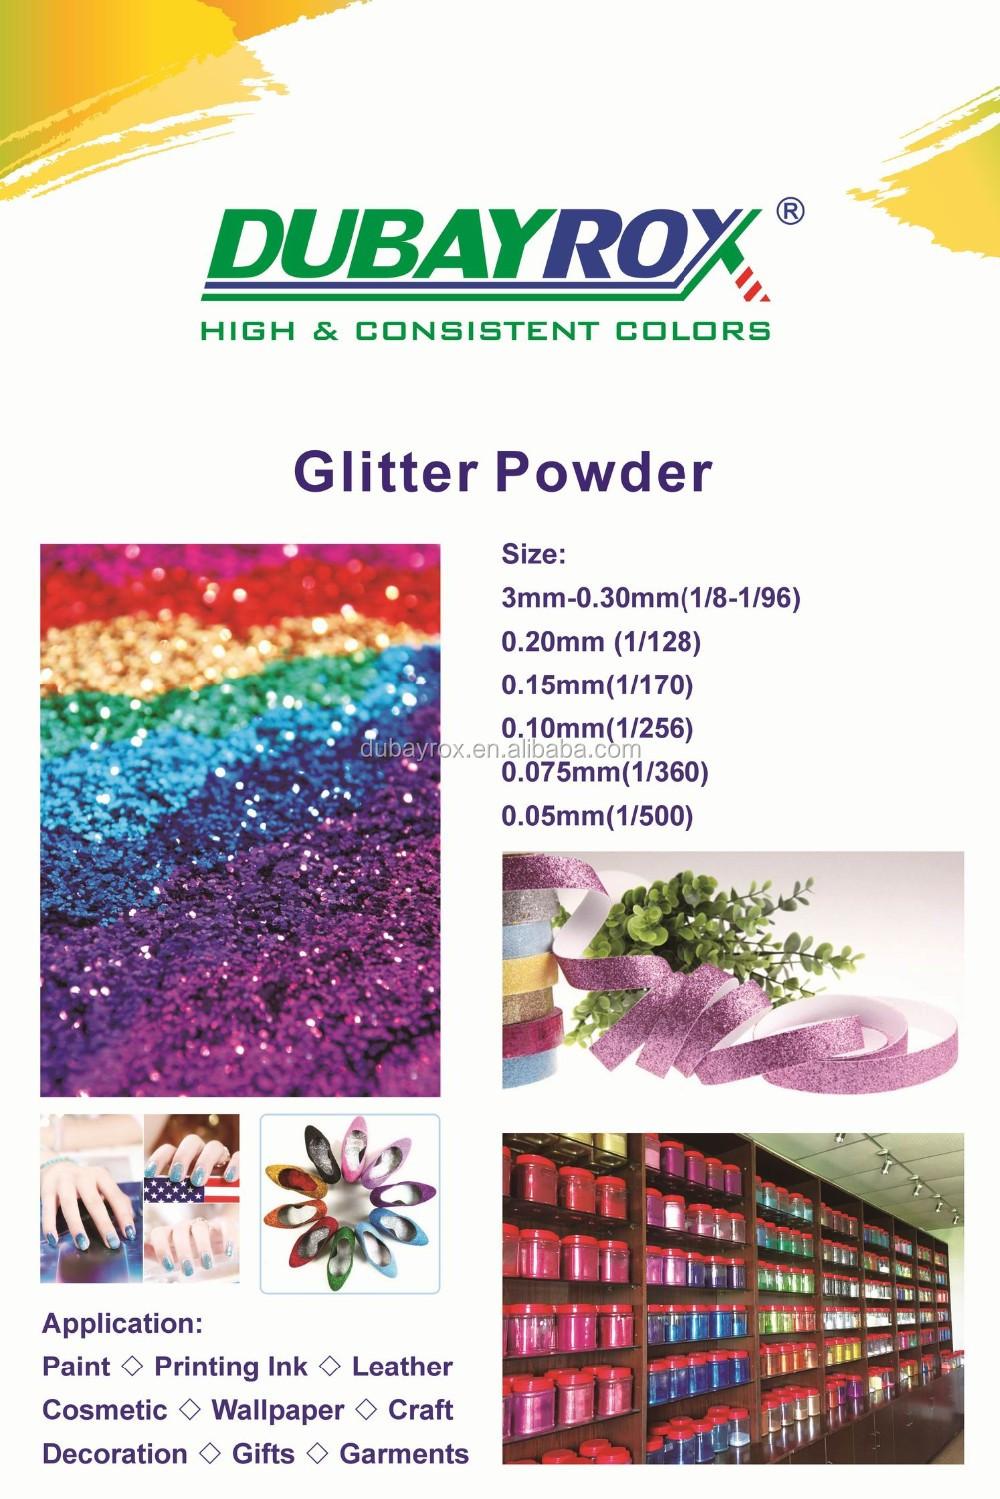 dubayrox glitter powder